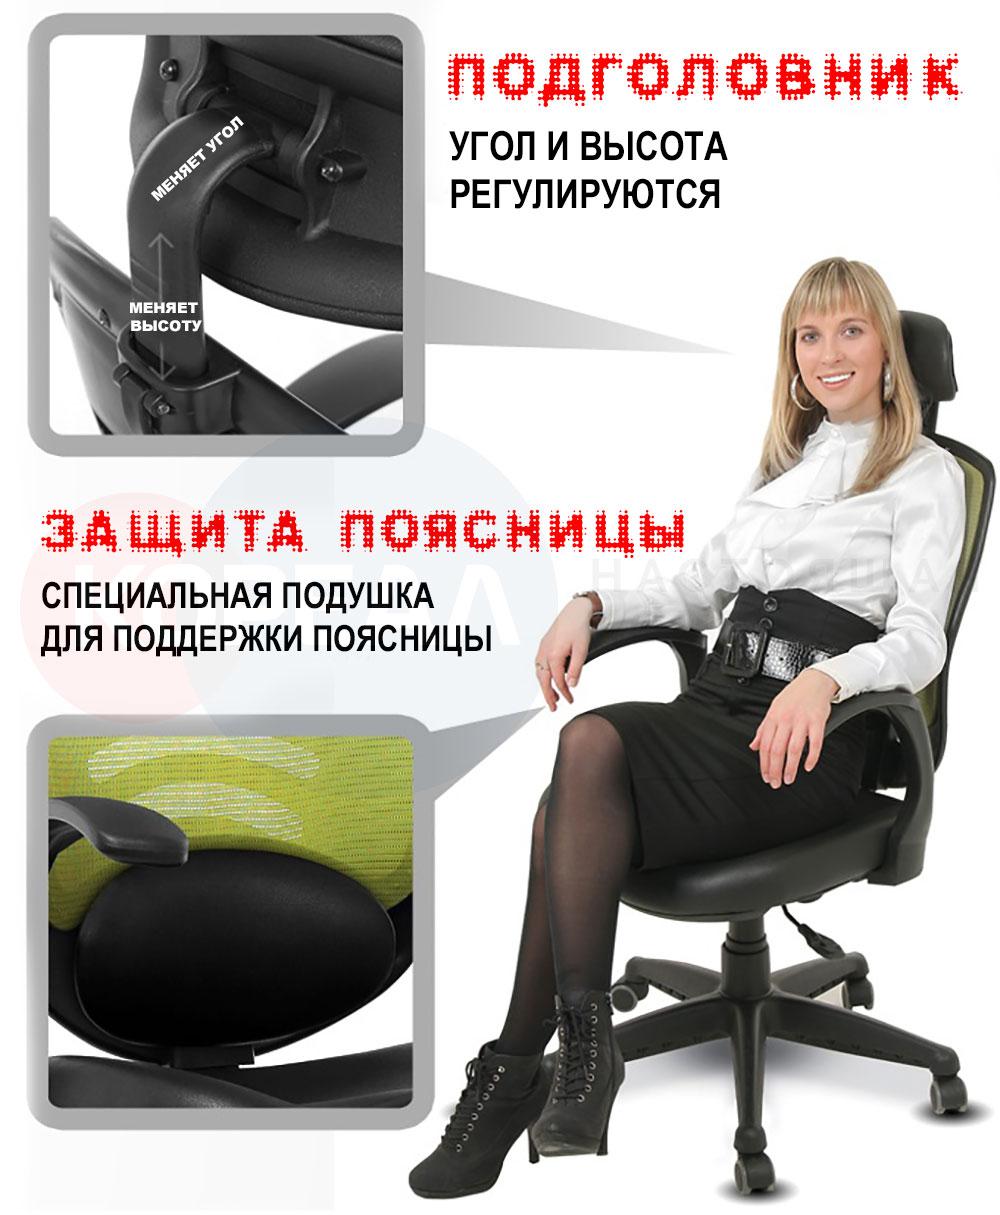 самое лучшее офисное кресло купить